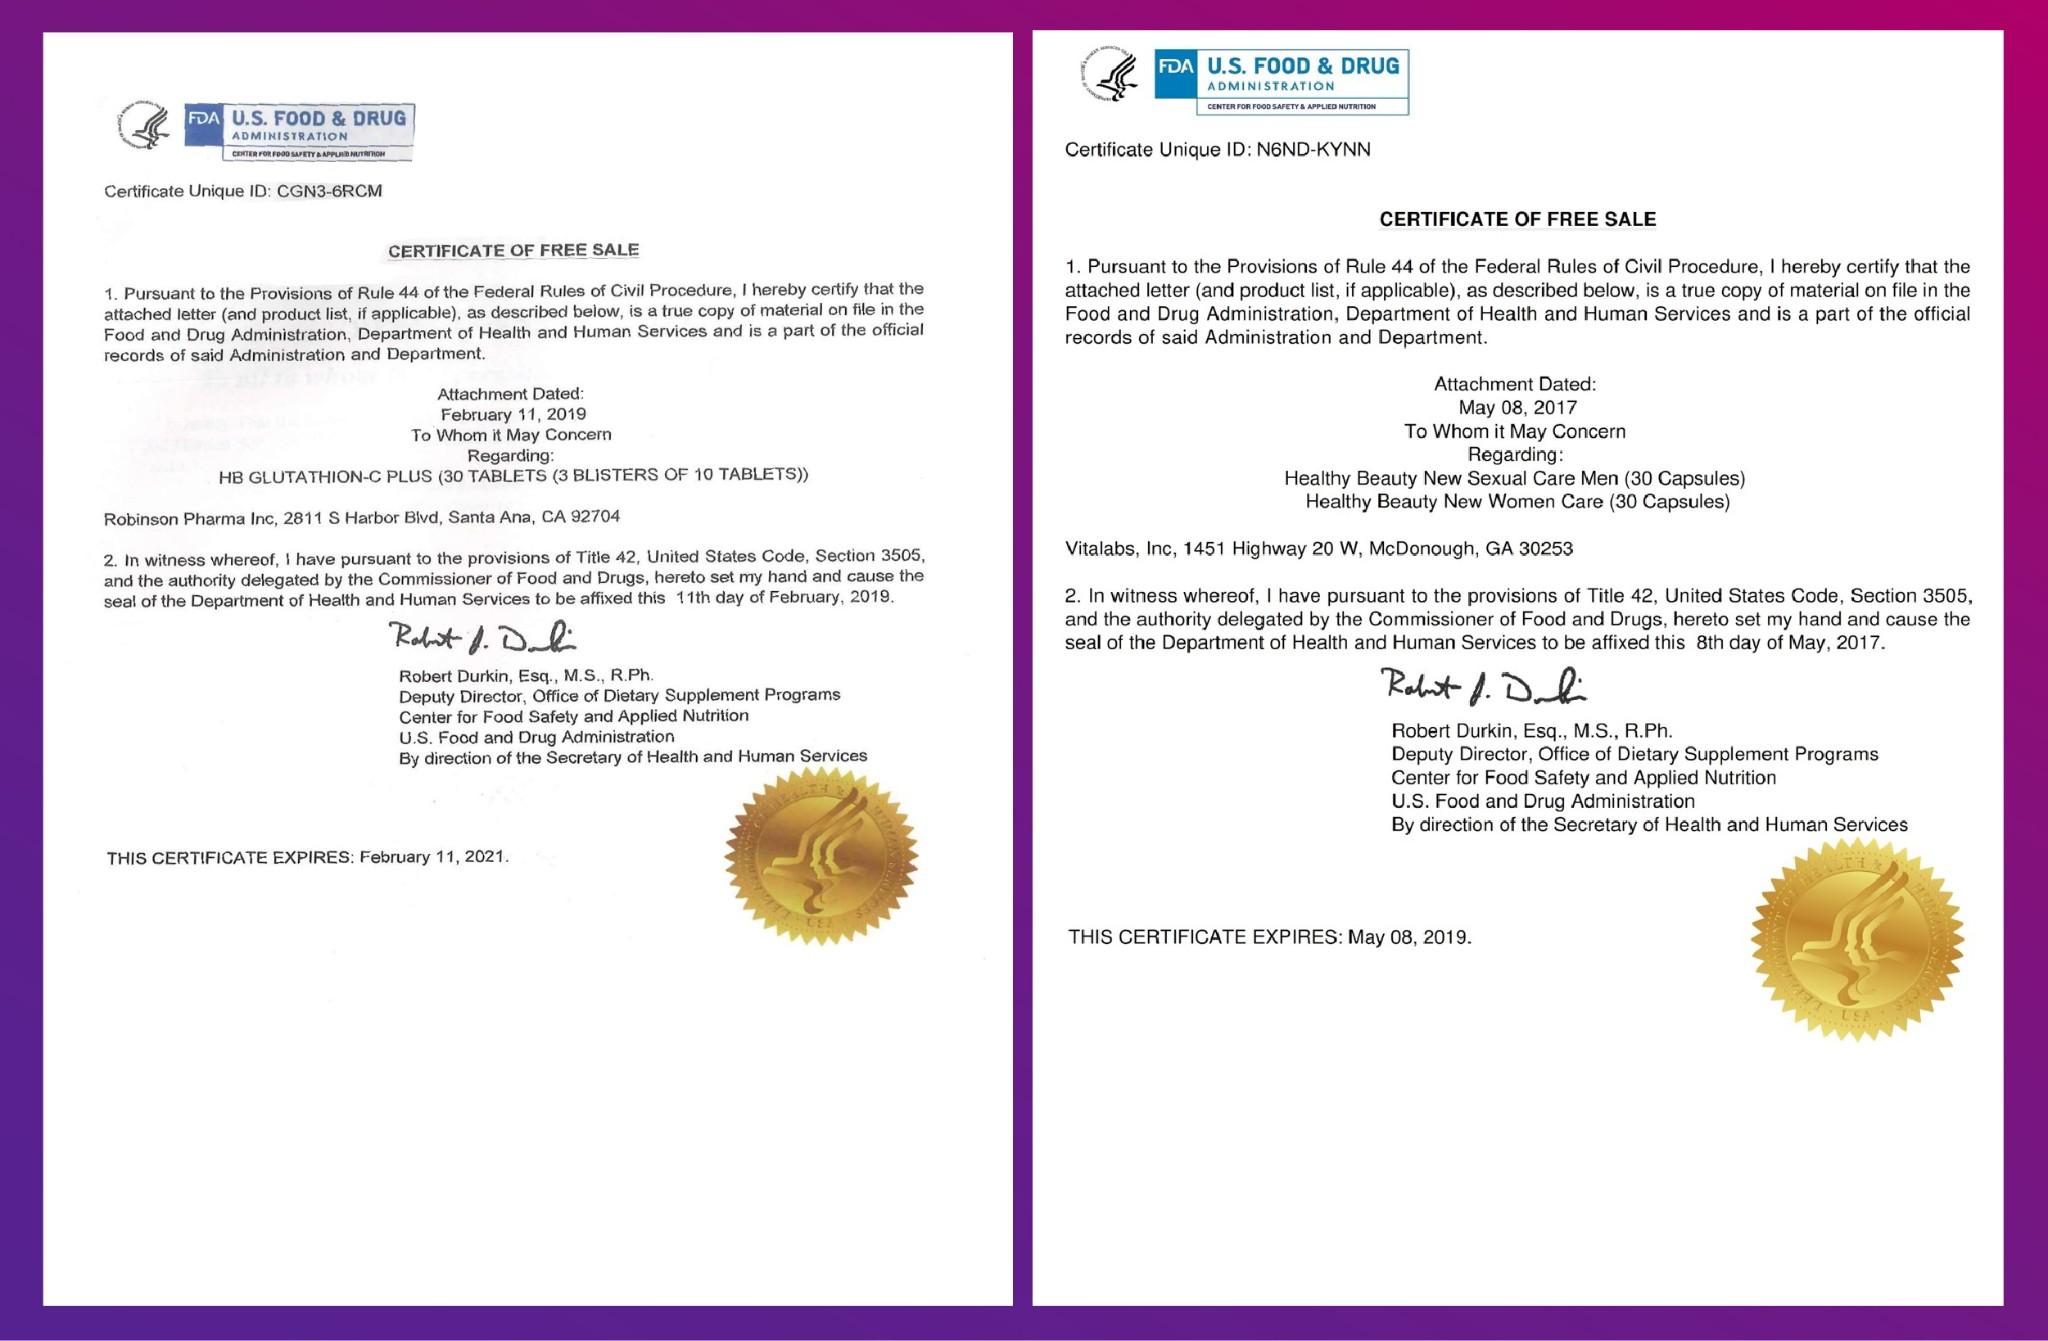 Chứng nhận bán tự do tại nước mỹ của HB Glutathion C-Plus